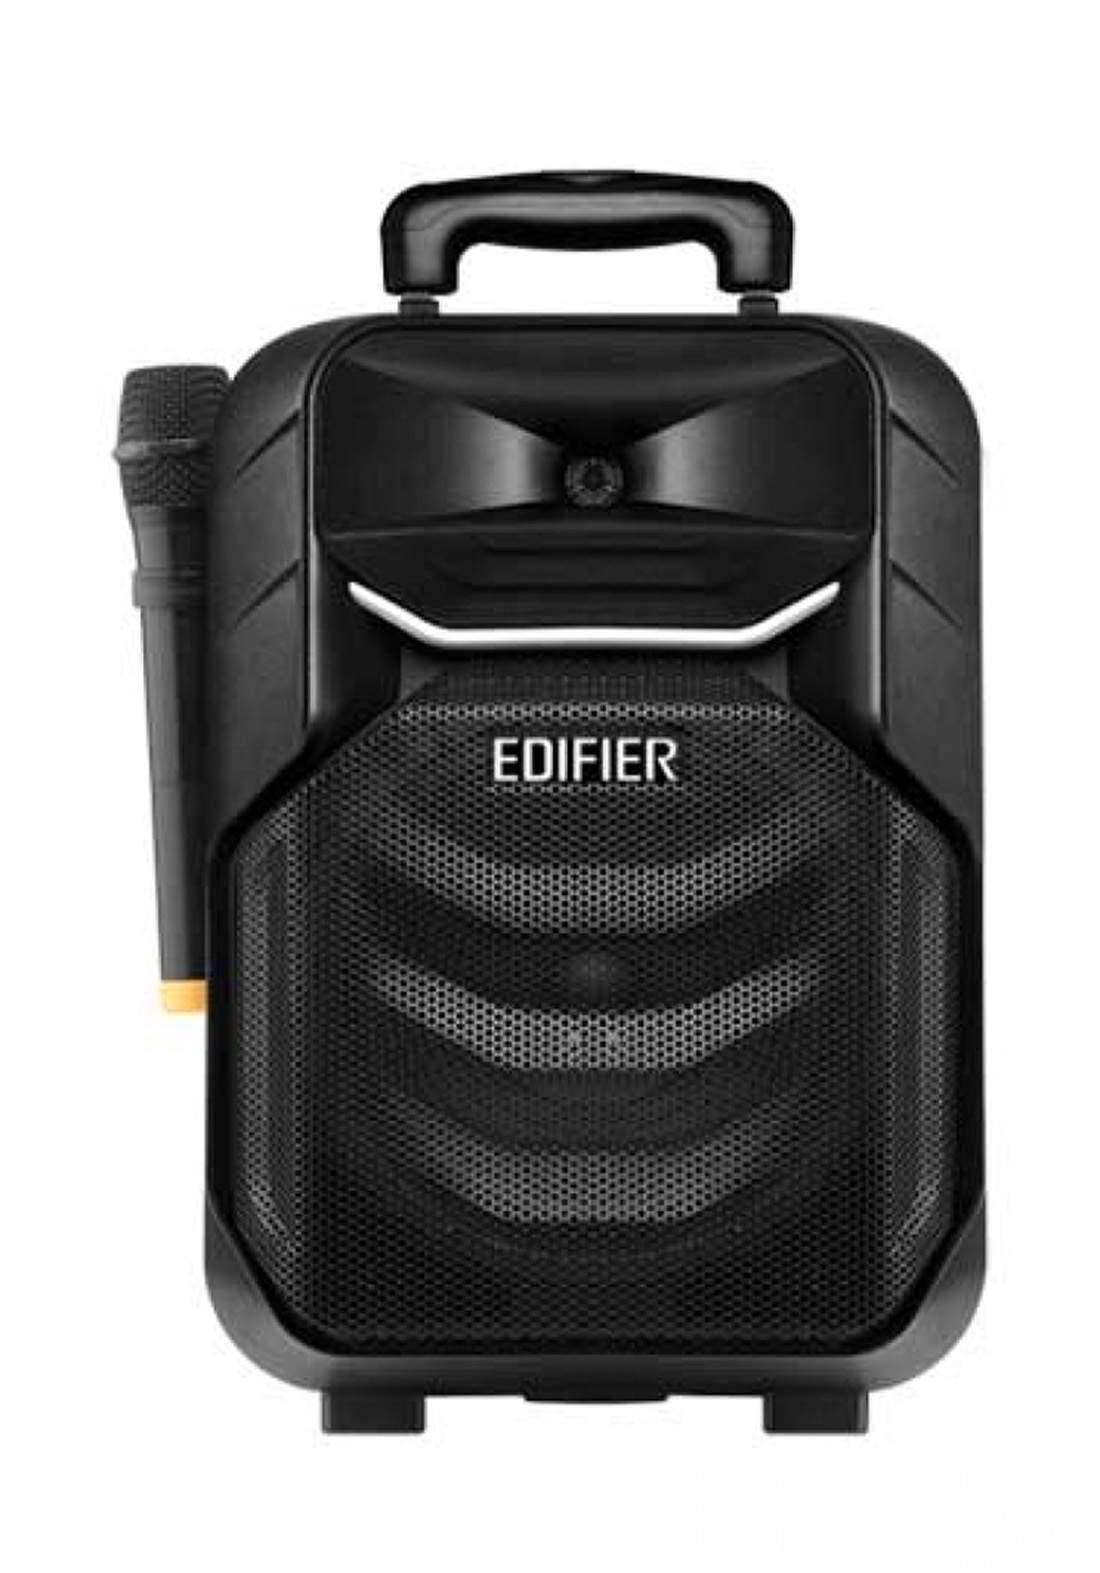 Edifier A3-8i Trolley Speaker with Mic - Black مضخم صوت